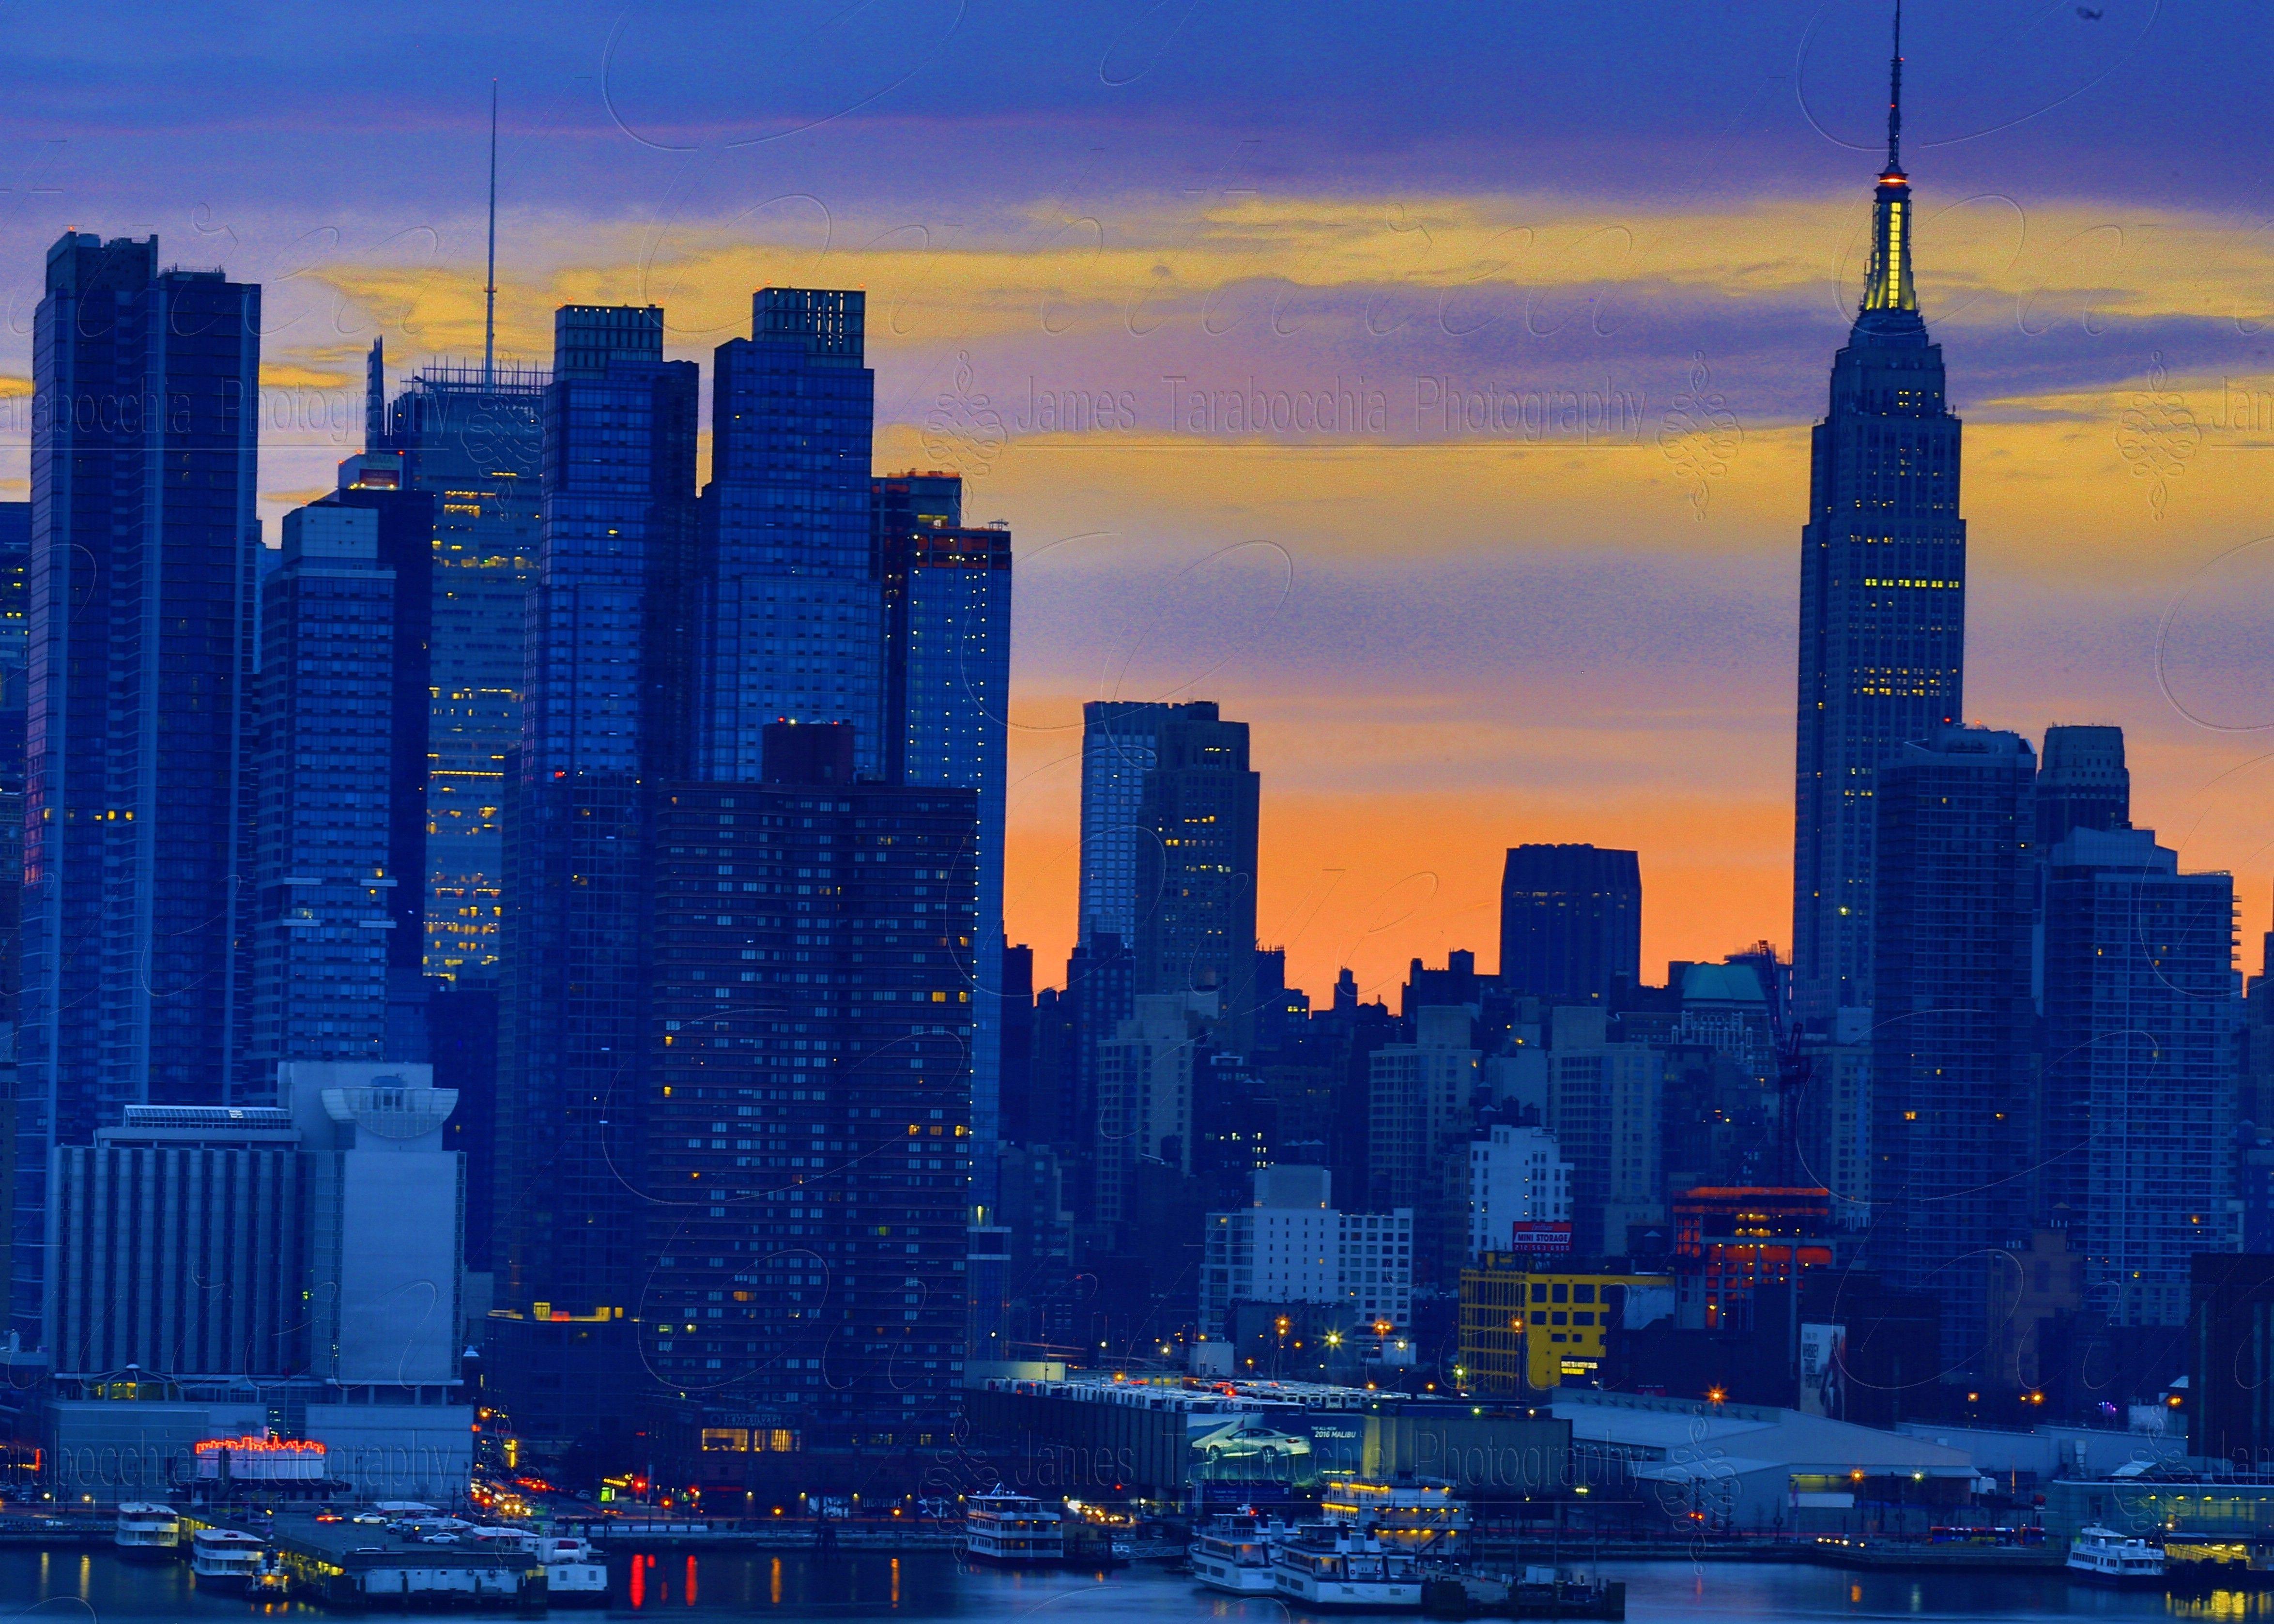 Pin By James On New York Skyline Skyline Landscape Photography New York Skyline